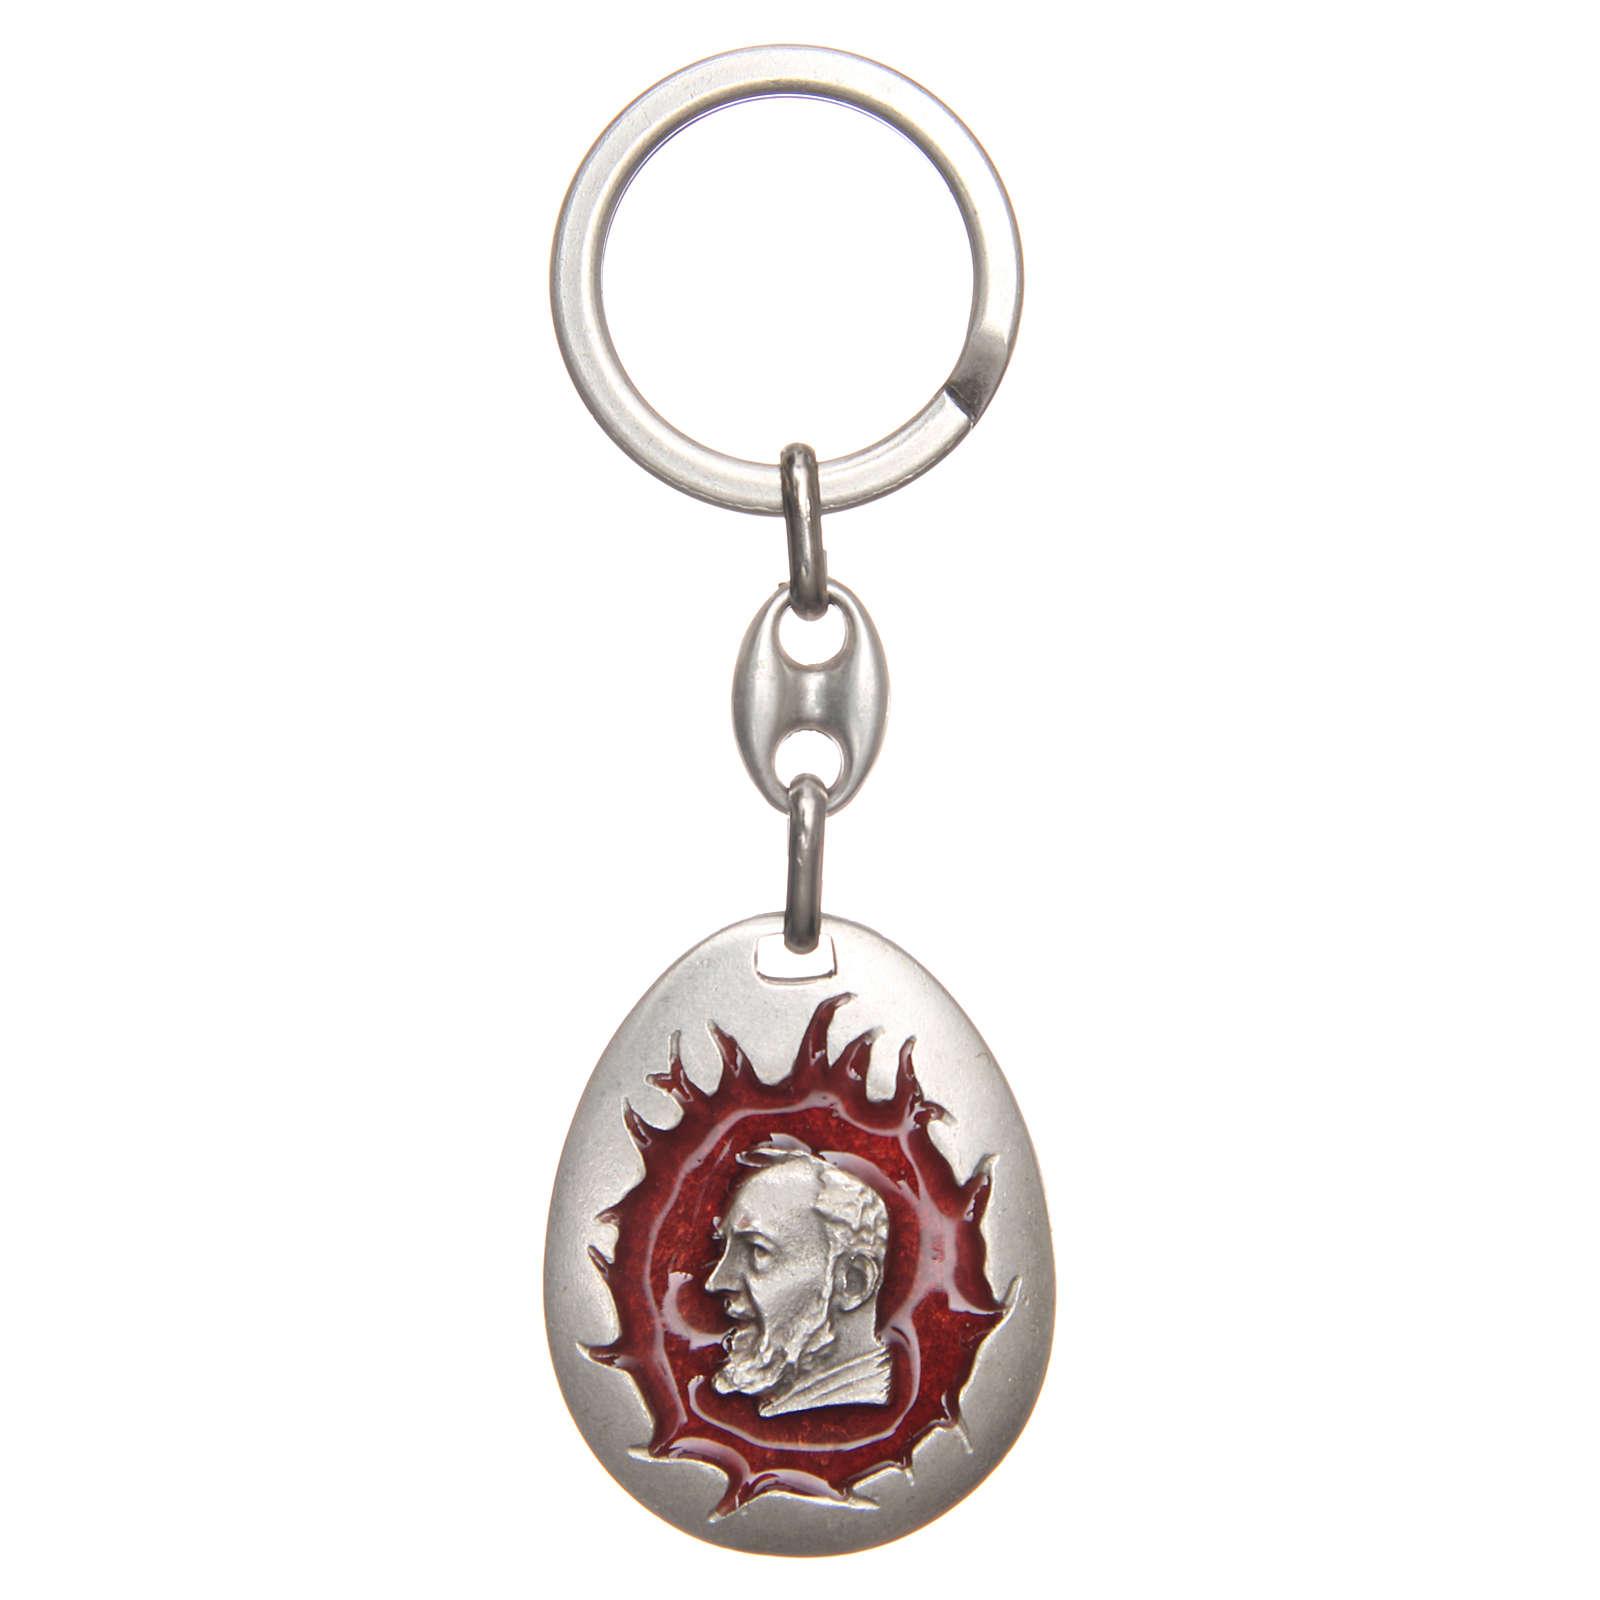 STOCK Portachiavi Padre Pio goccia smalto rosso 3